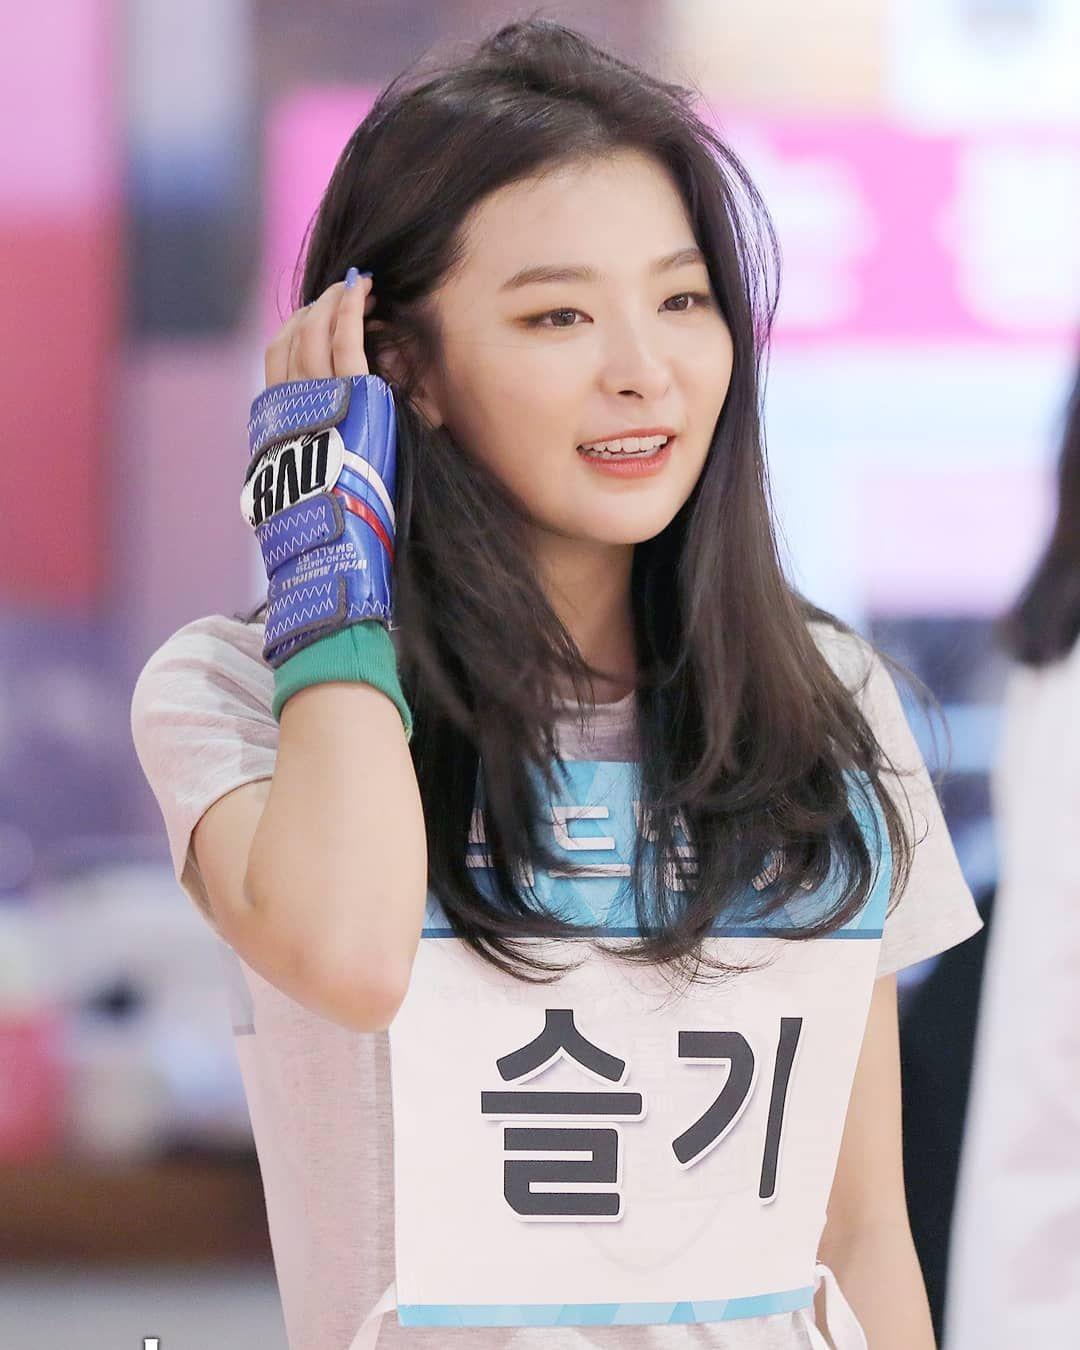 Red Velvet S Seulgi Mbc Isac2018 Bowling Streaming Powerup Mv Https Youtu Be Aihsvqy9xn8 Beludru Merah Selebritas Gadis Korea